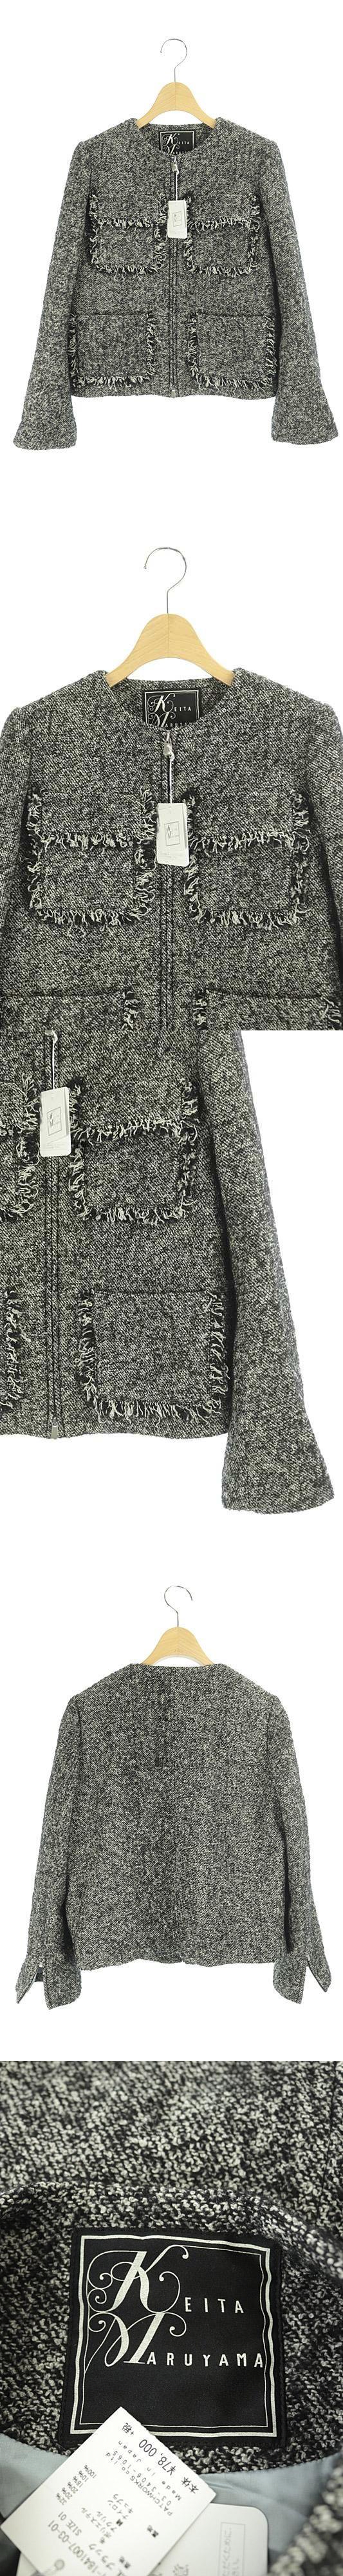 ジャケット ノーカラー ジップアップ ツイード フリンジ 01 黒 白 /YW ■OS